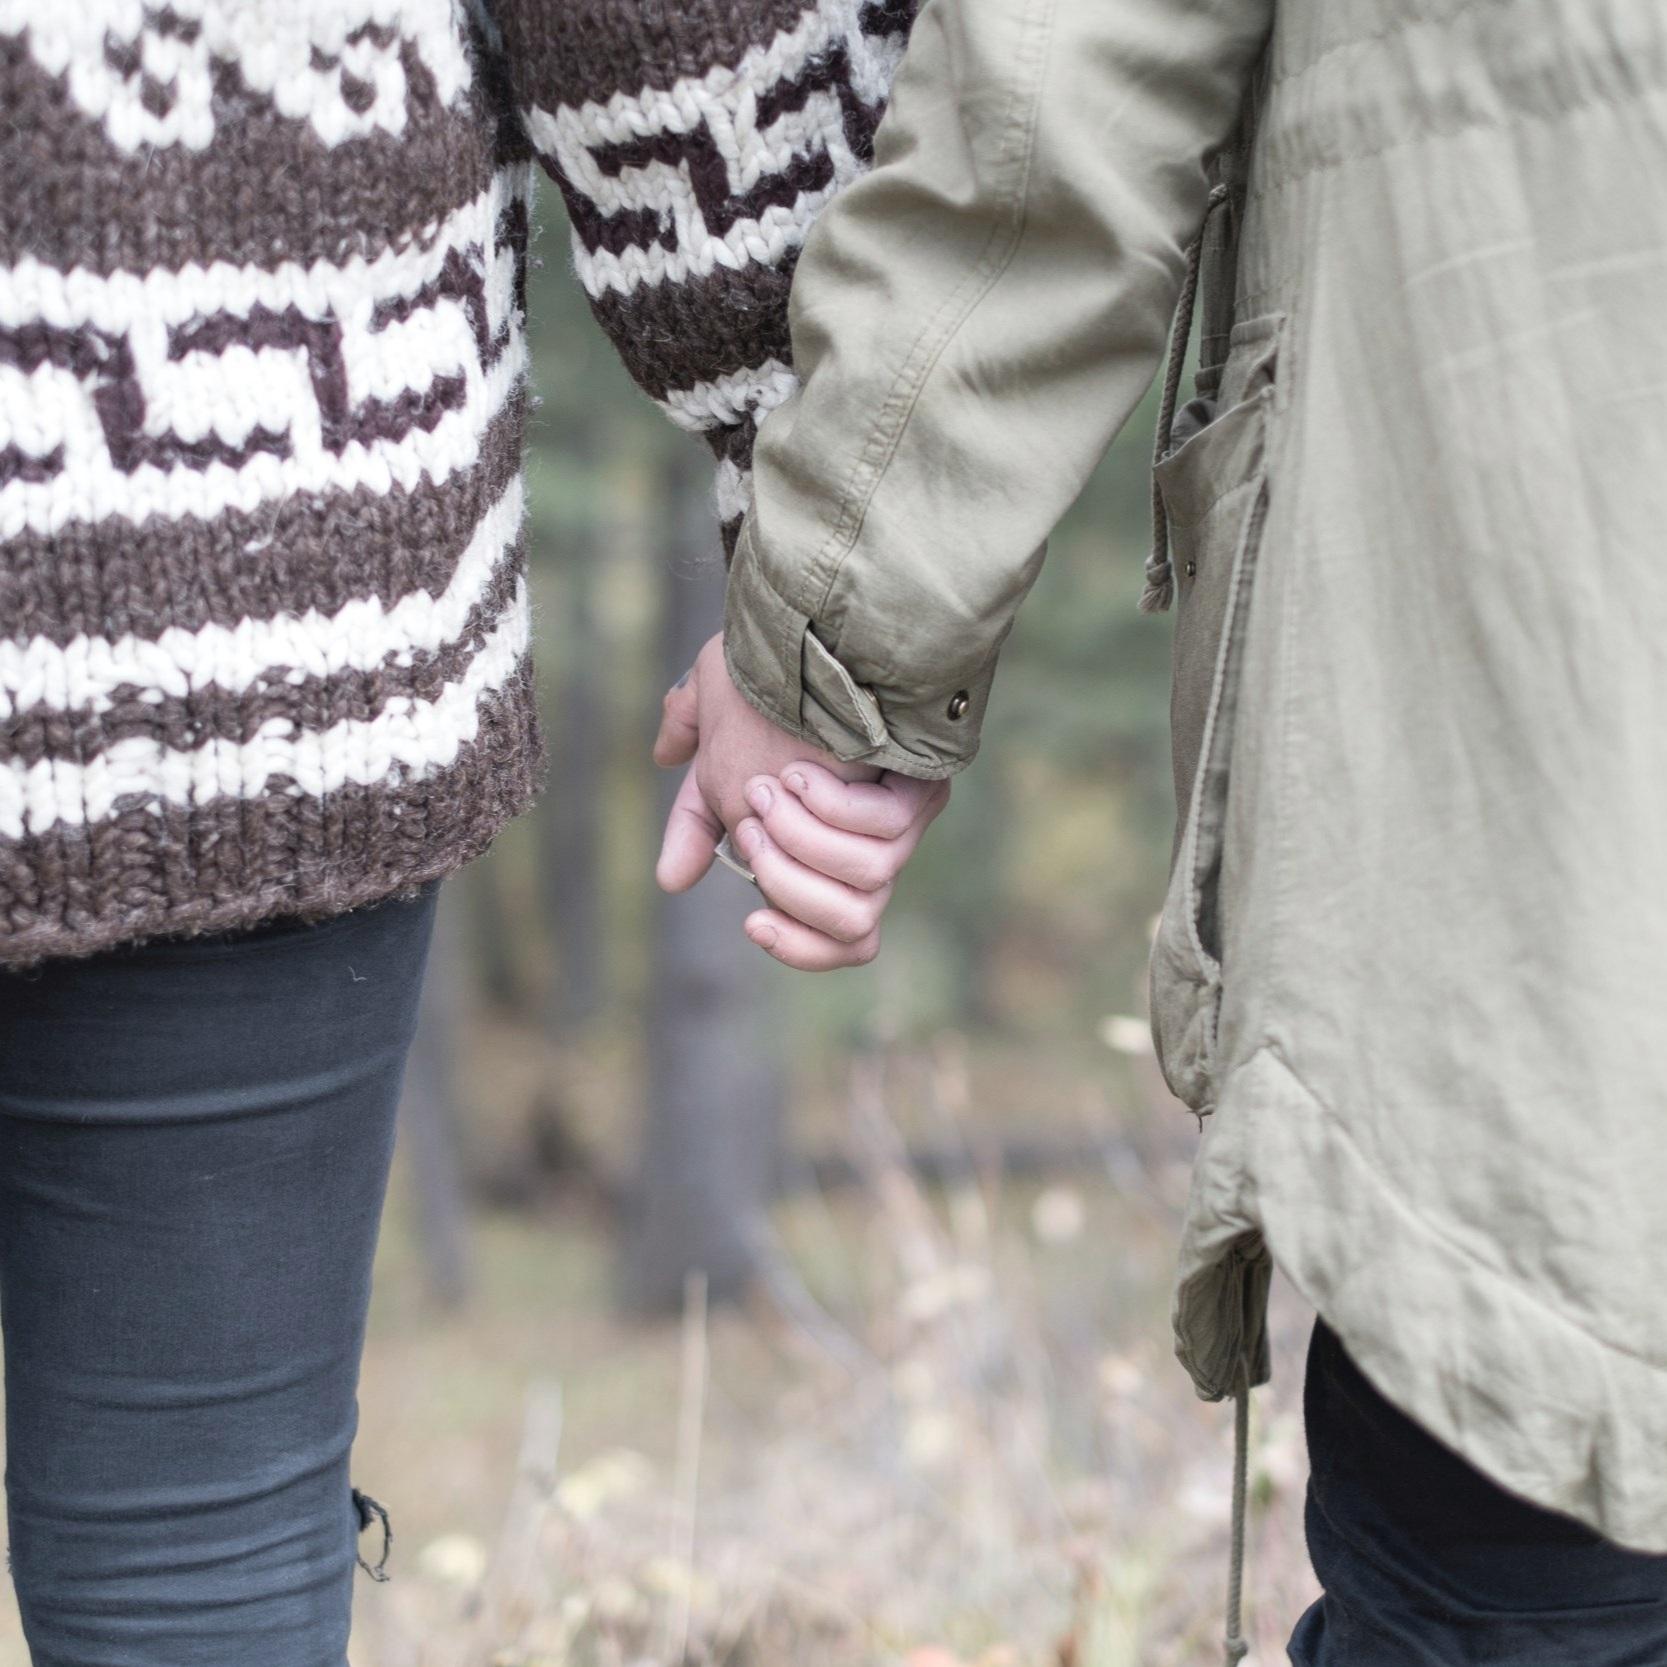 holding_hands_outside_olivejacket_jenelle-hayes-4389-unsplash.jpg